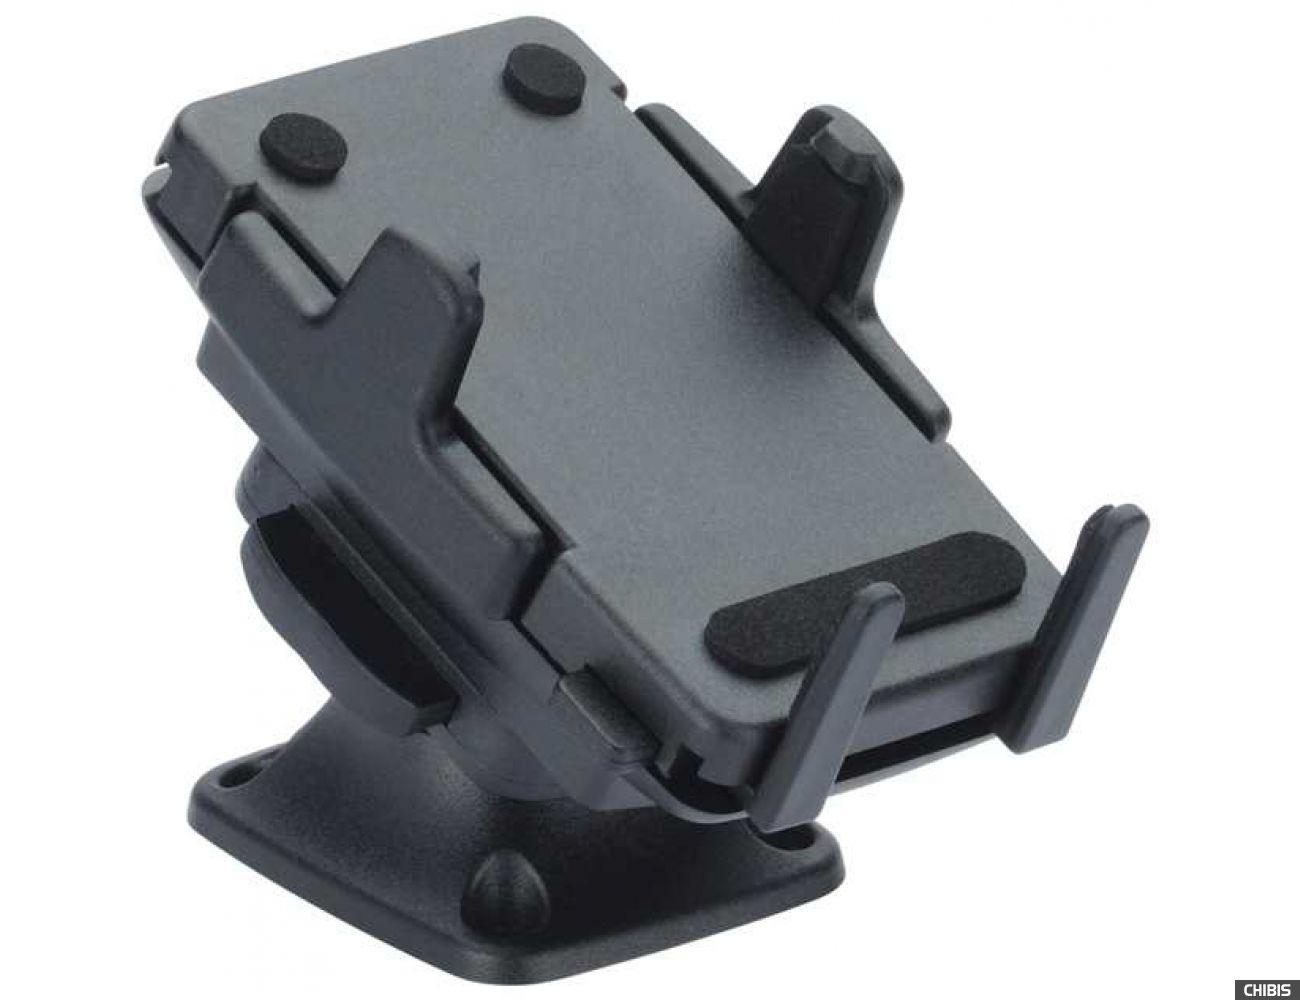 Универсальный автодержатель iGrip Dash Kit (T5-12120)